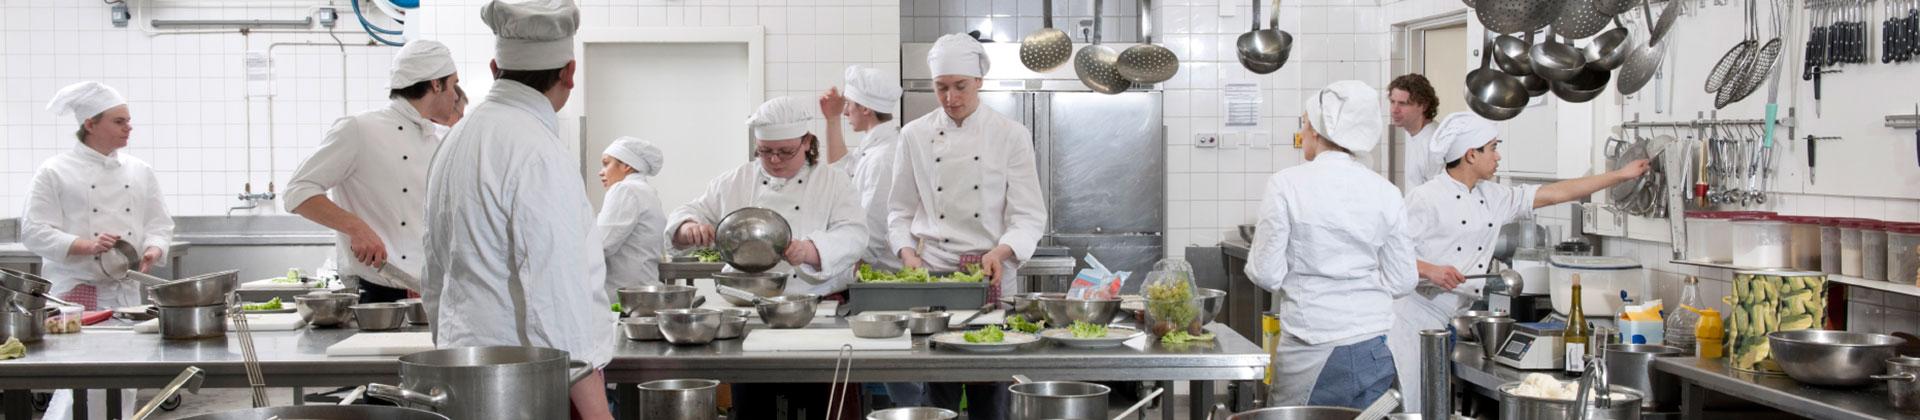 Higienizaci n industrial stelgrup for Procedimiento de cocina